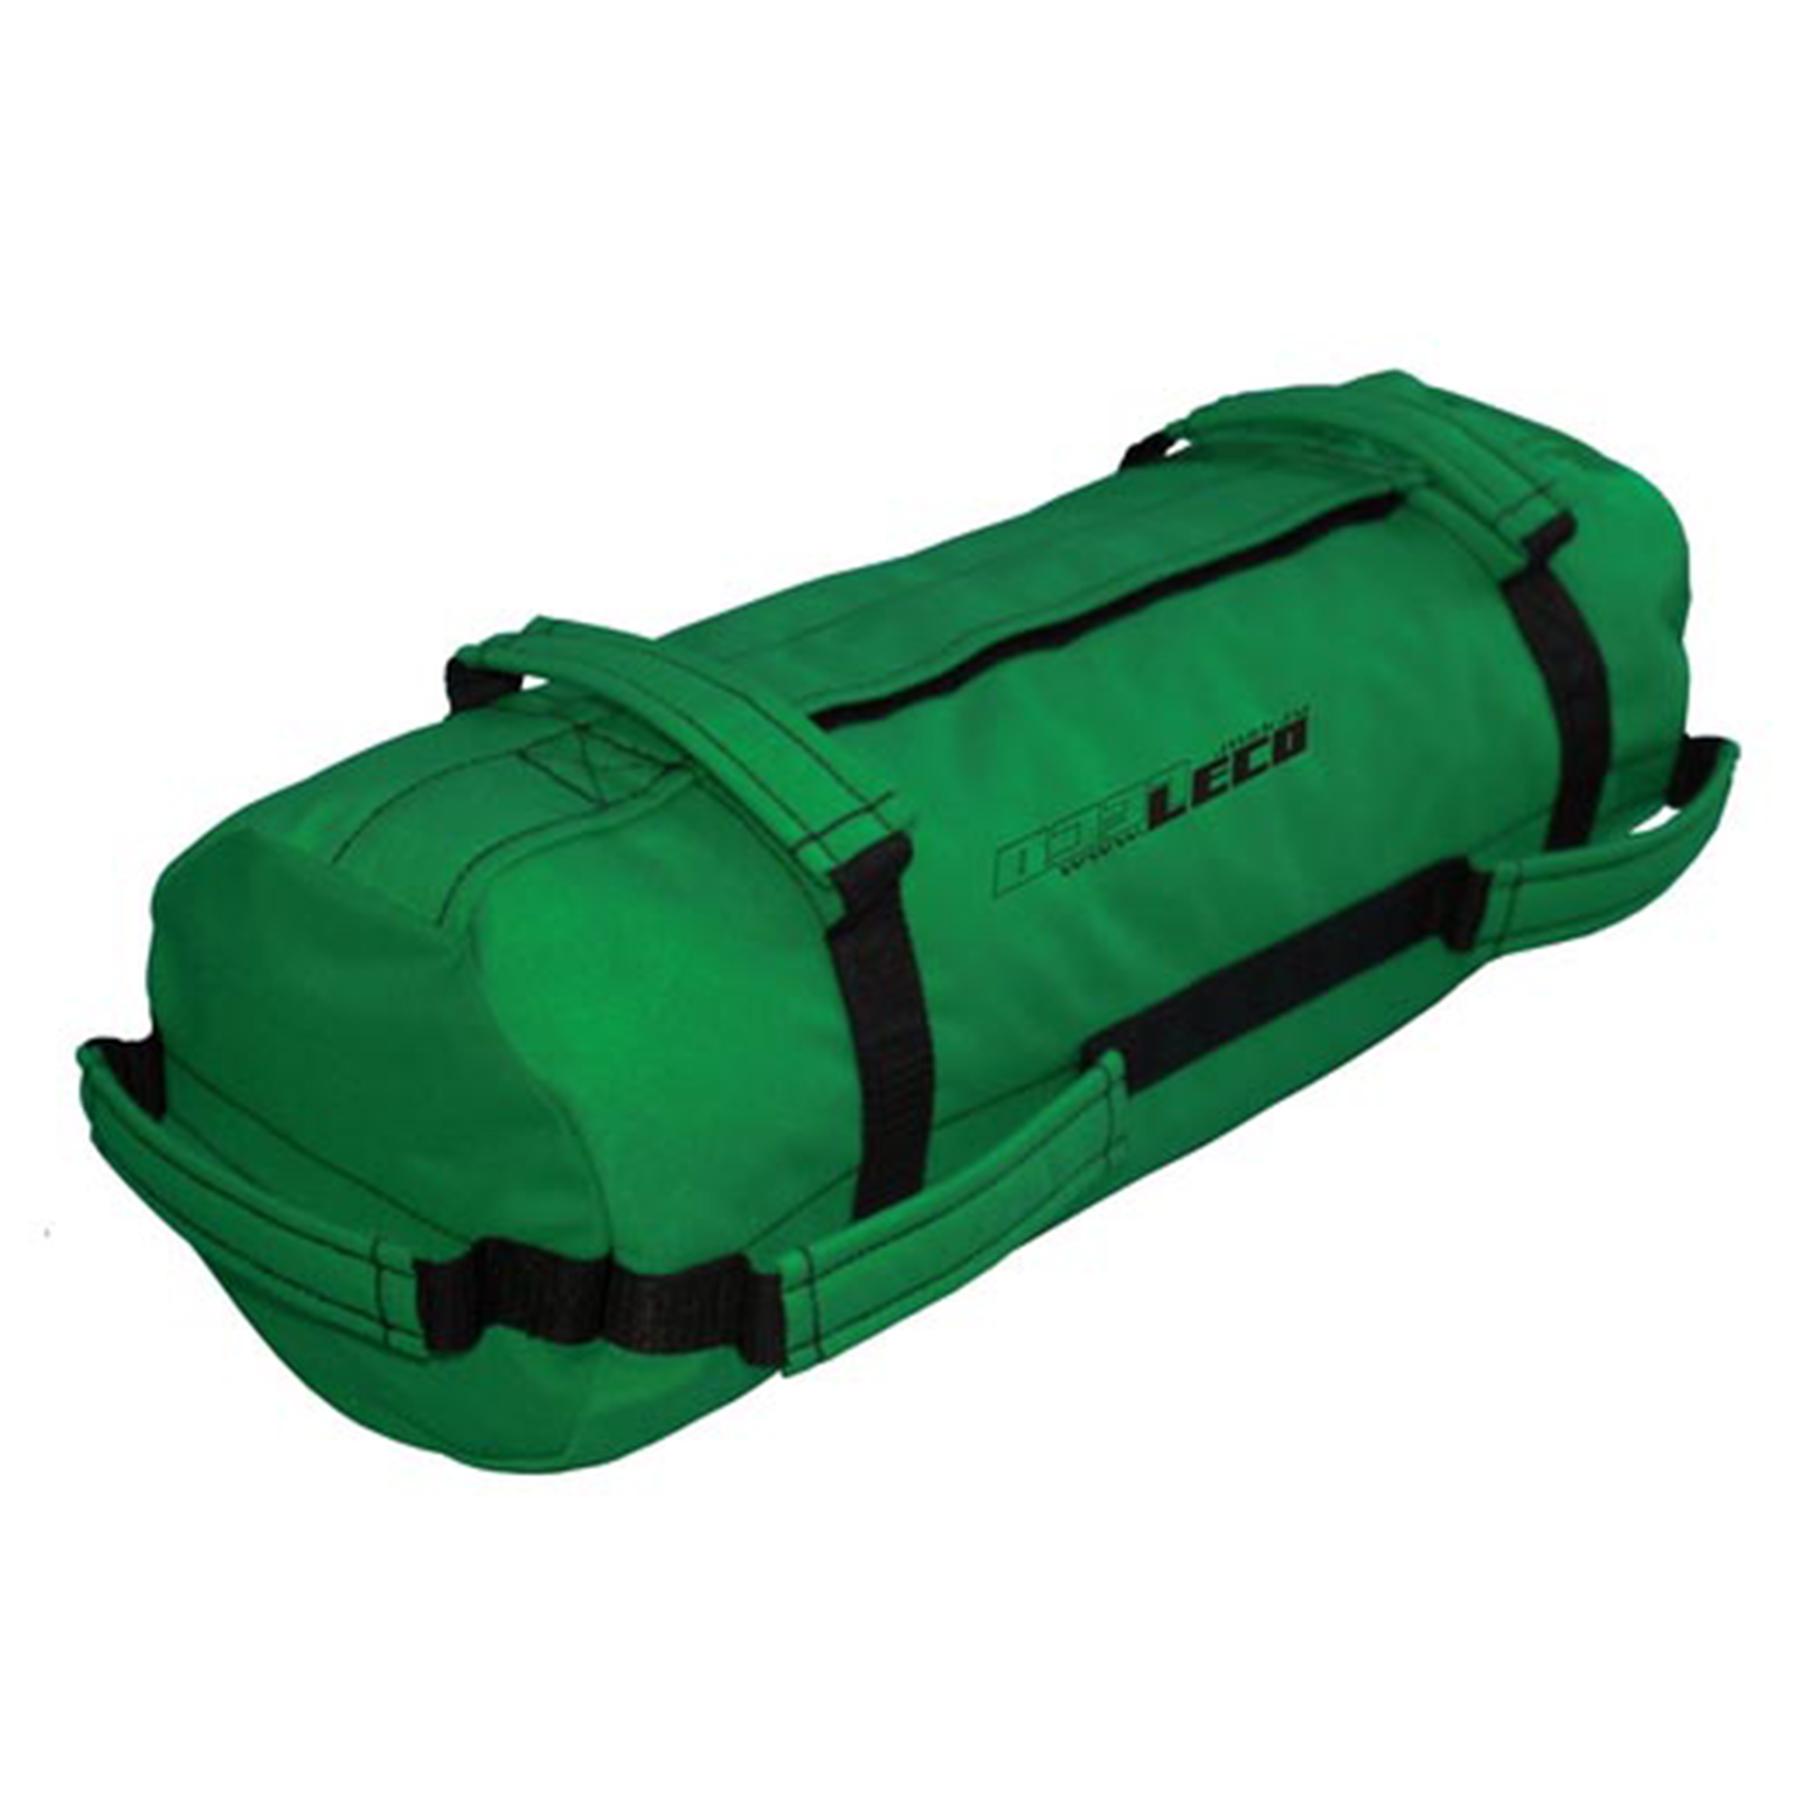 Сендбег (мешок-утяжелитель) Леко на 40 кг, габариты 70*24, 7 ручек (гп037006)